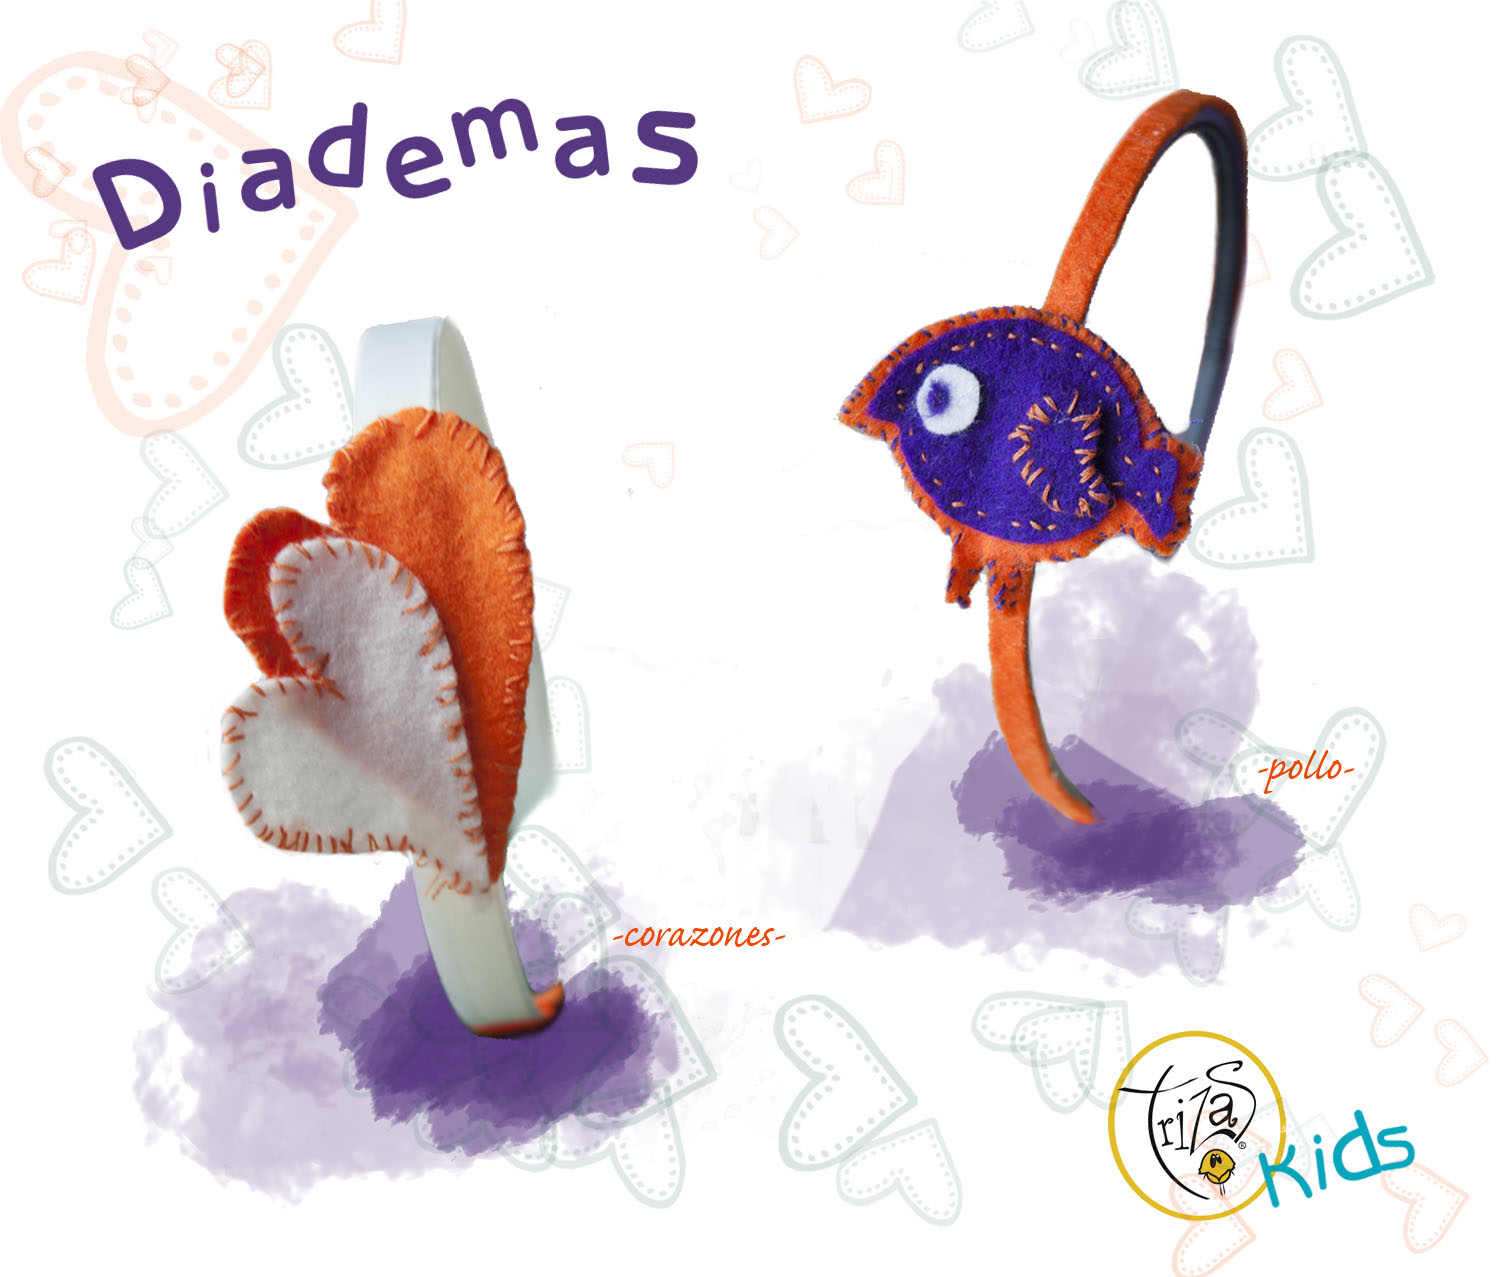 diademas para princesas